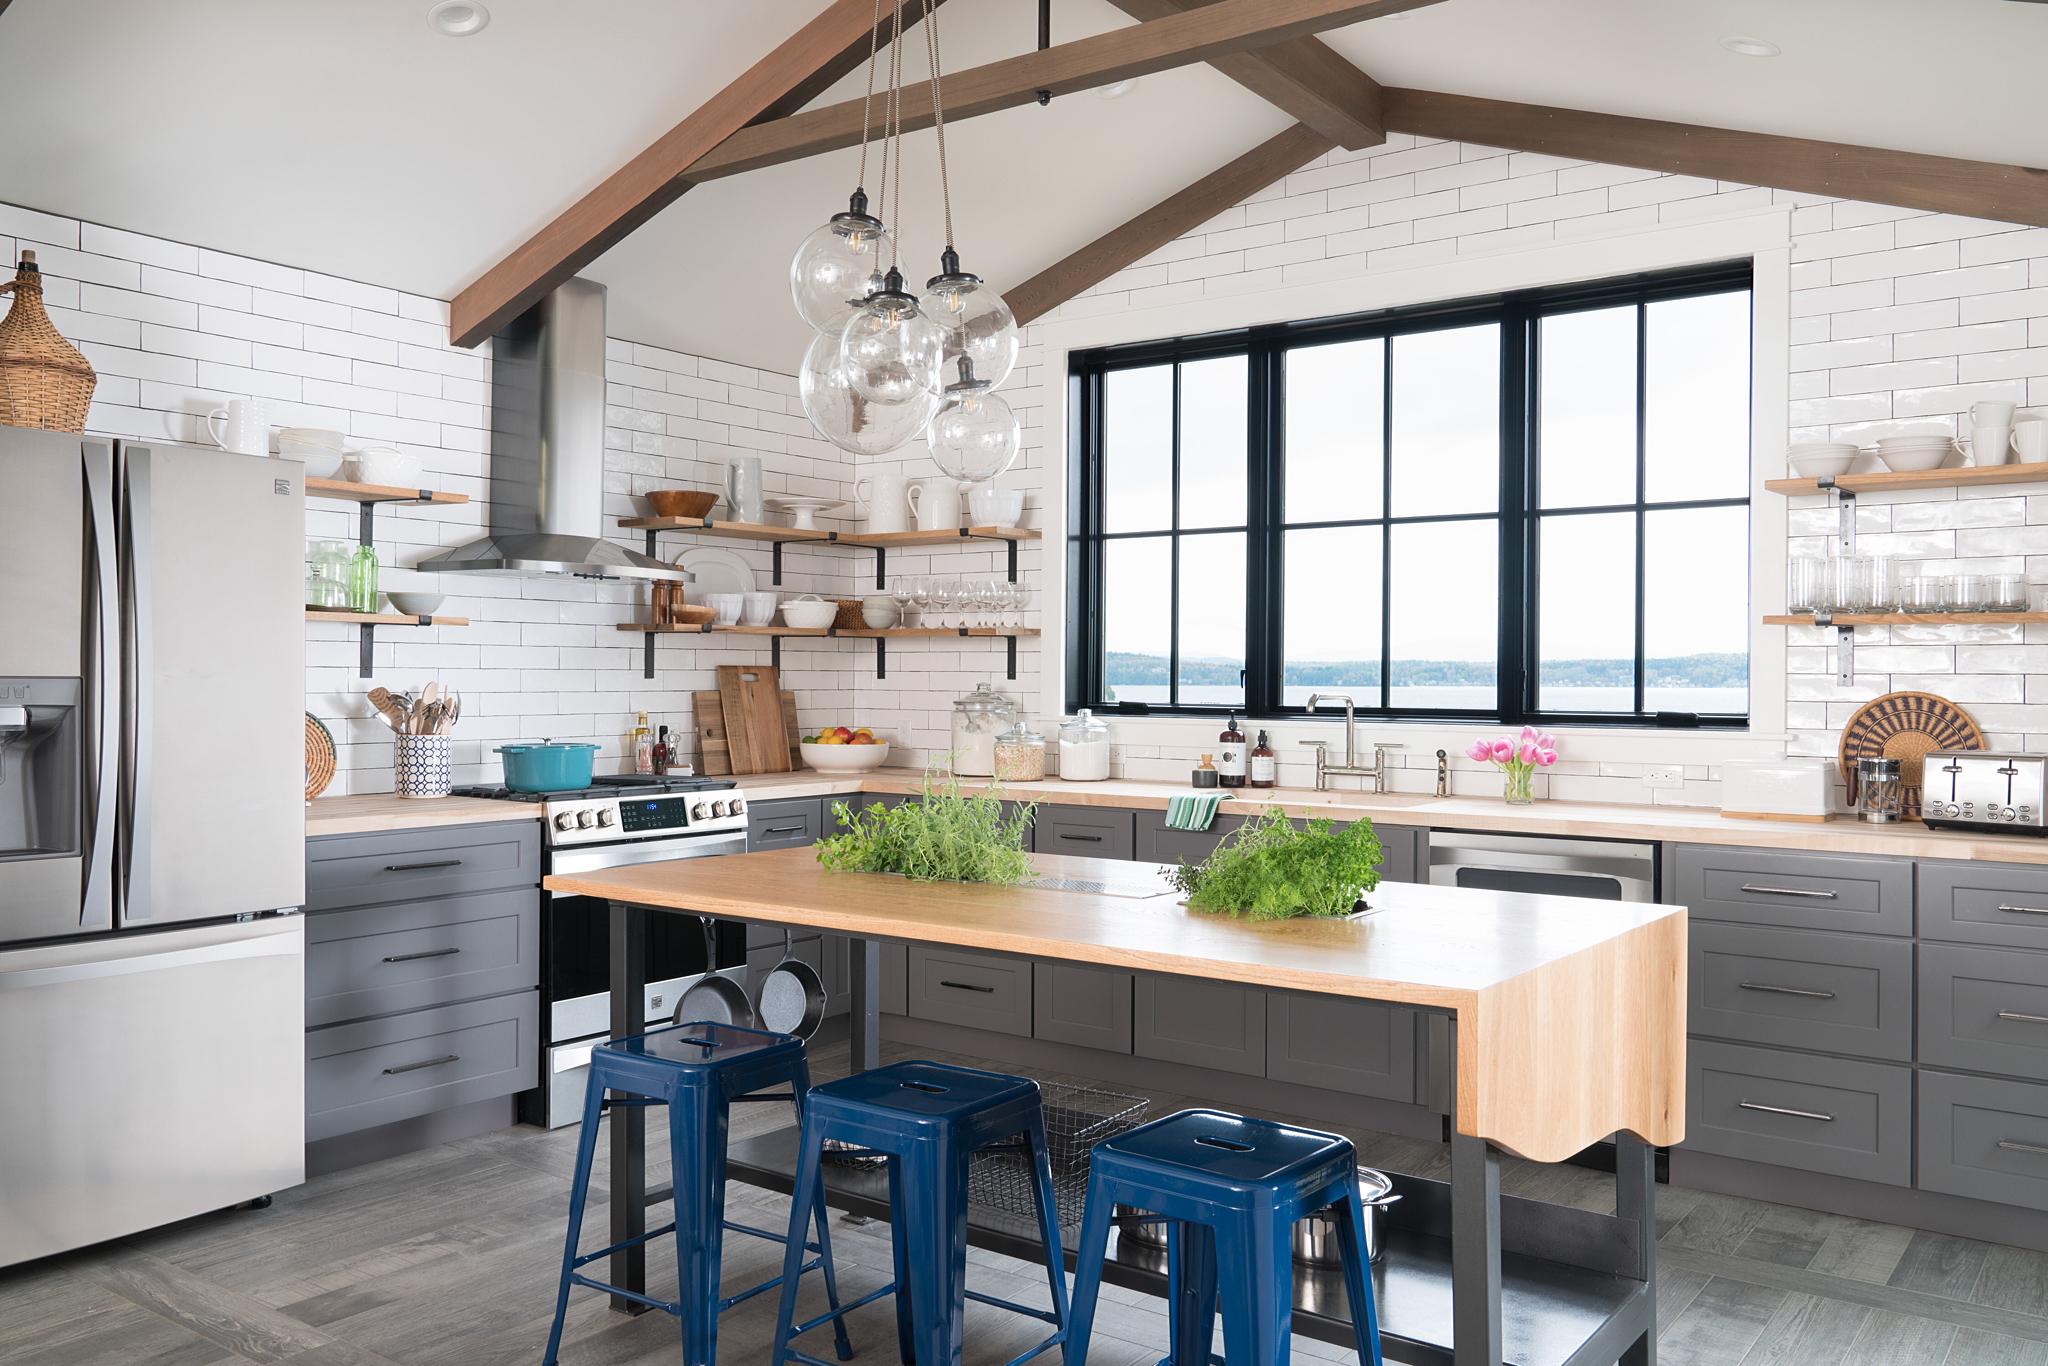 кухня высокий потолок балки стол стулья tolix